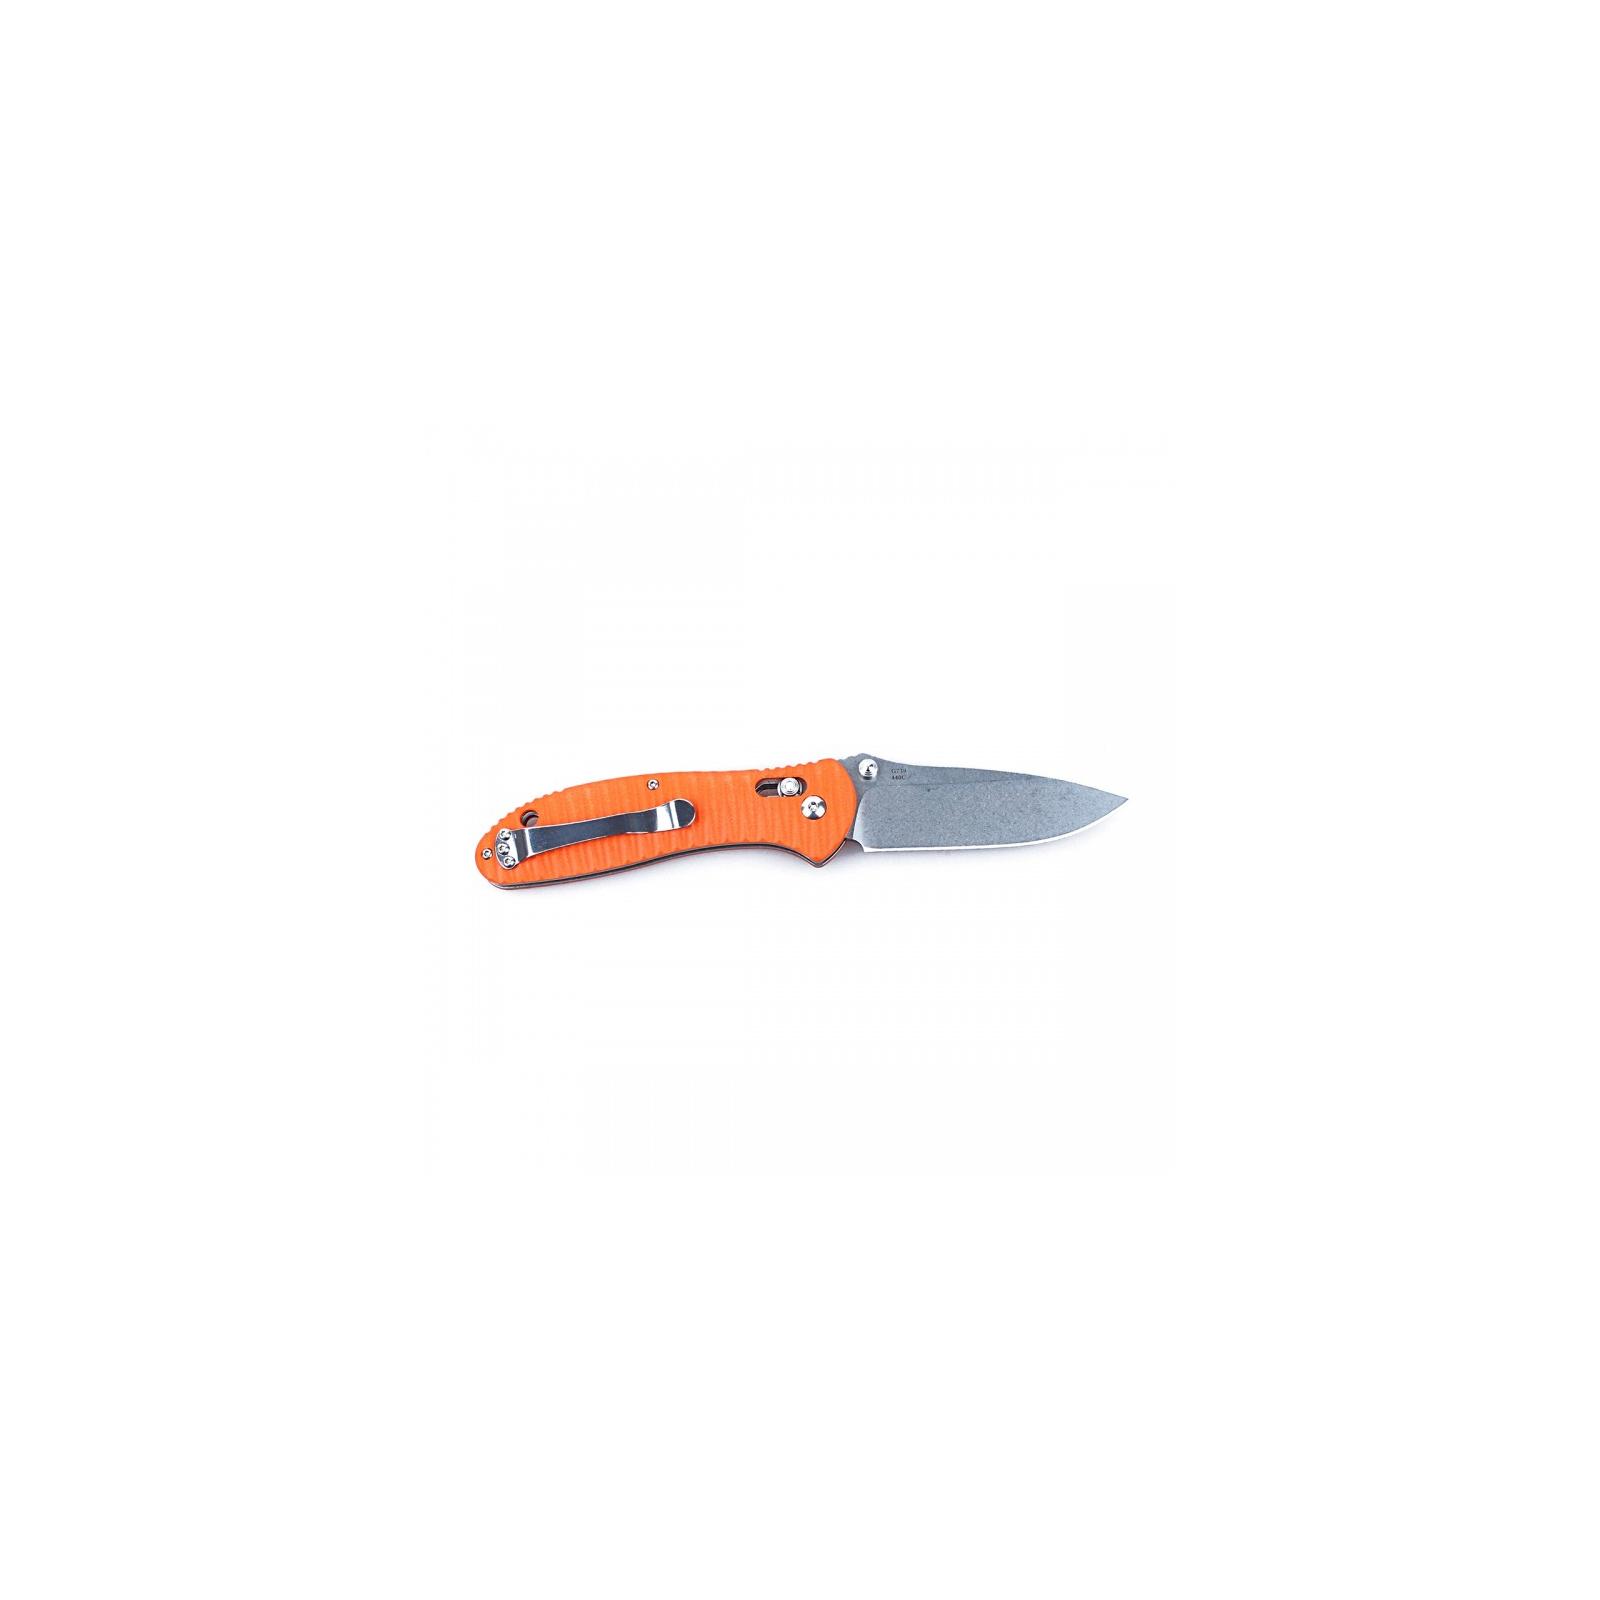 Нож Ganzo G7392P оранжевый (G7392P-OR) изображение 2